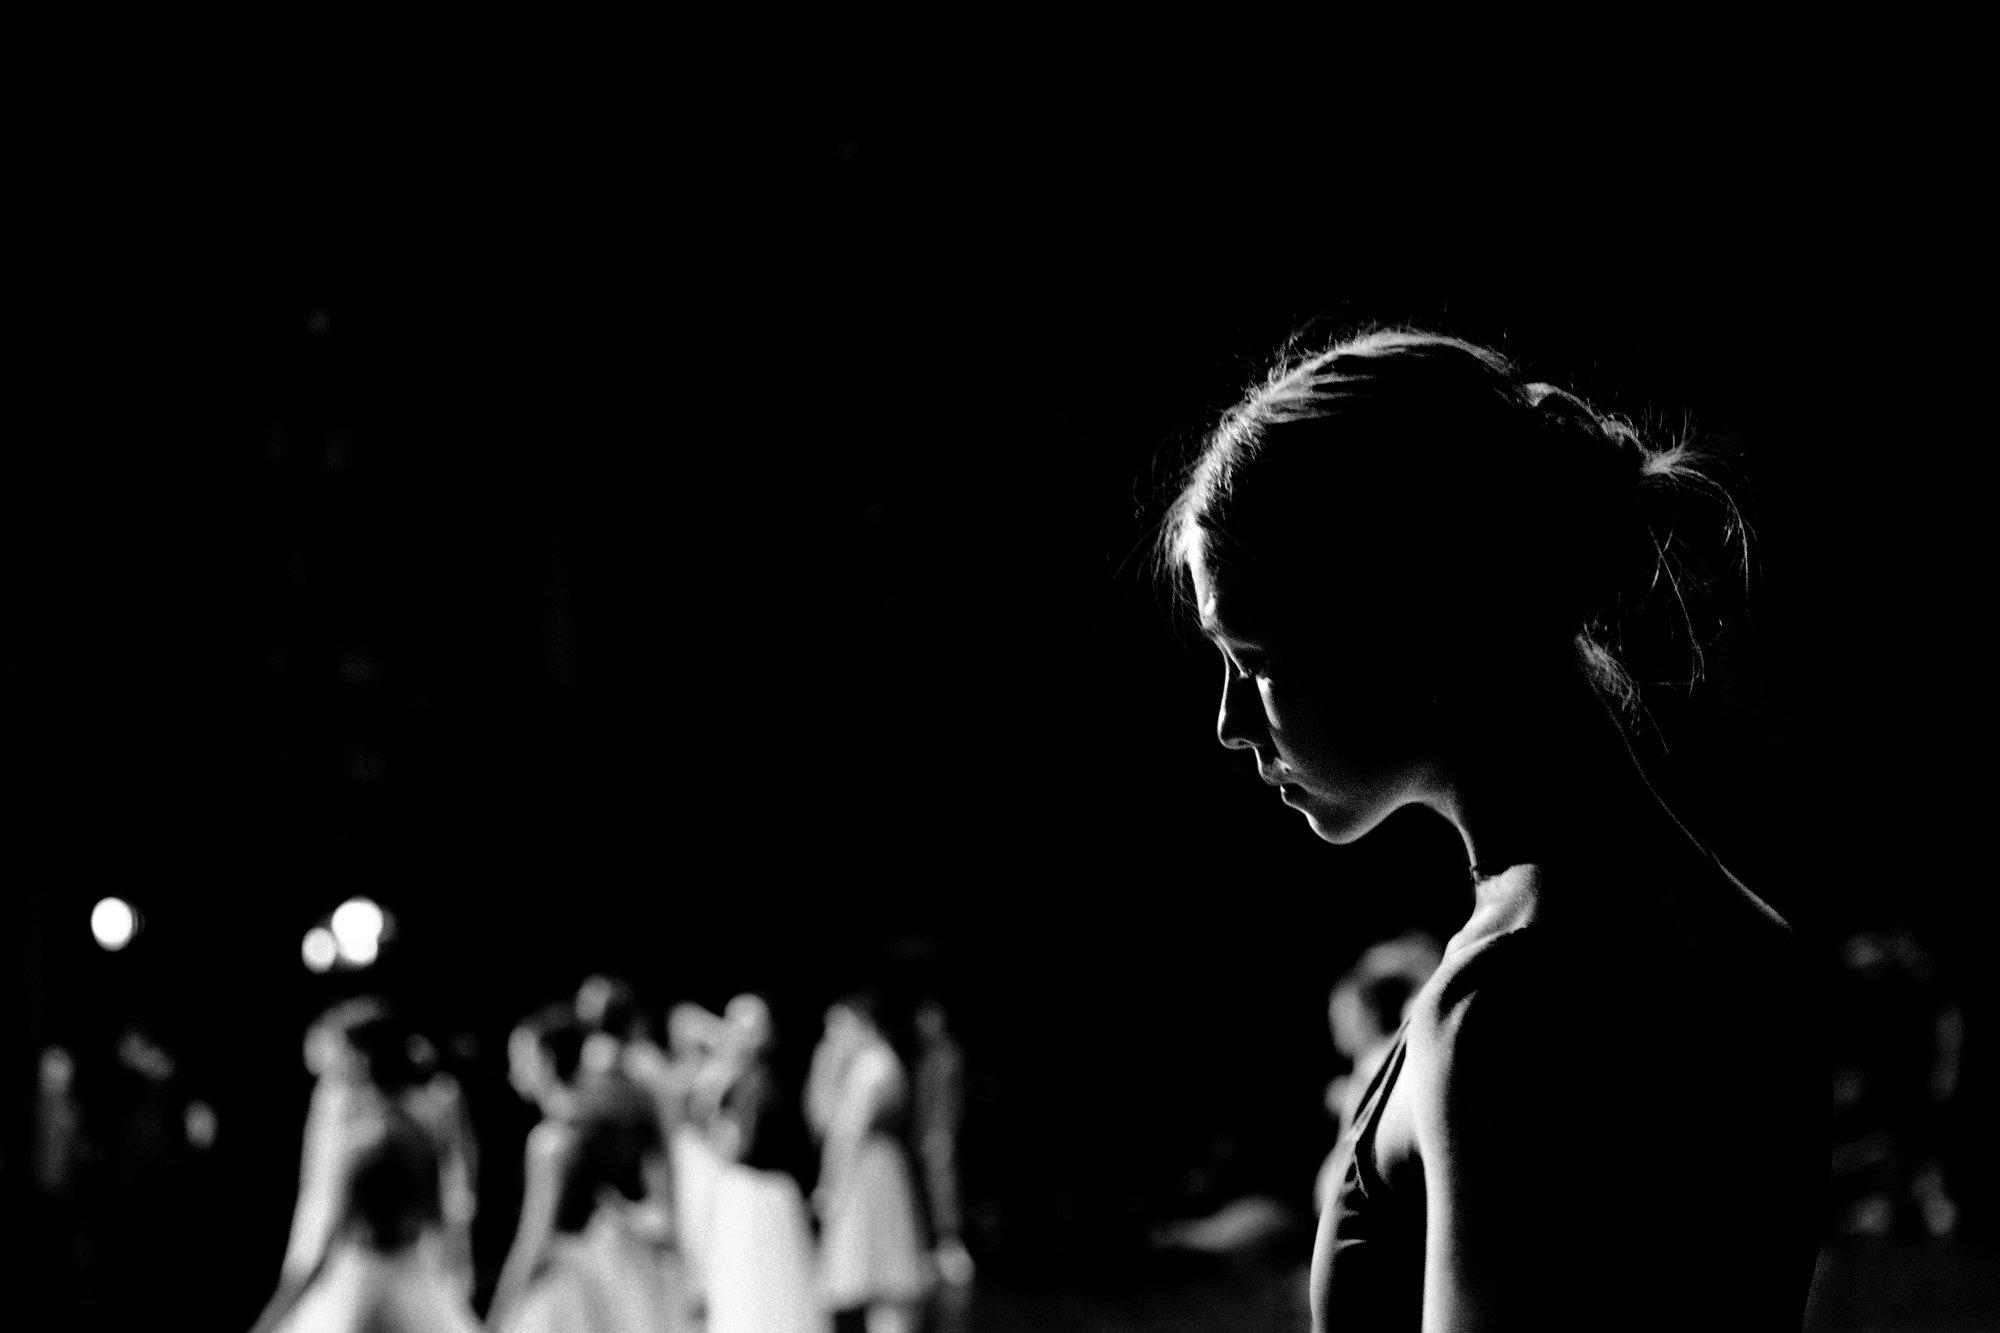 конкурс фото черно белое дизайнеры интерьера